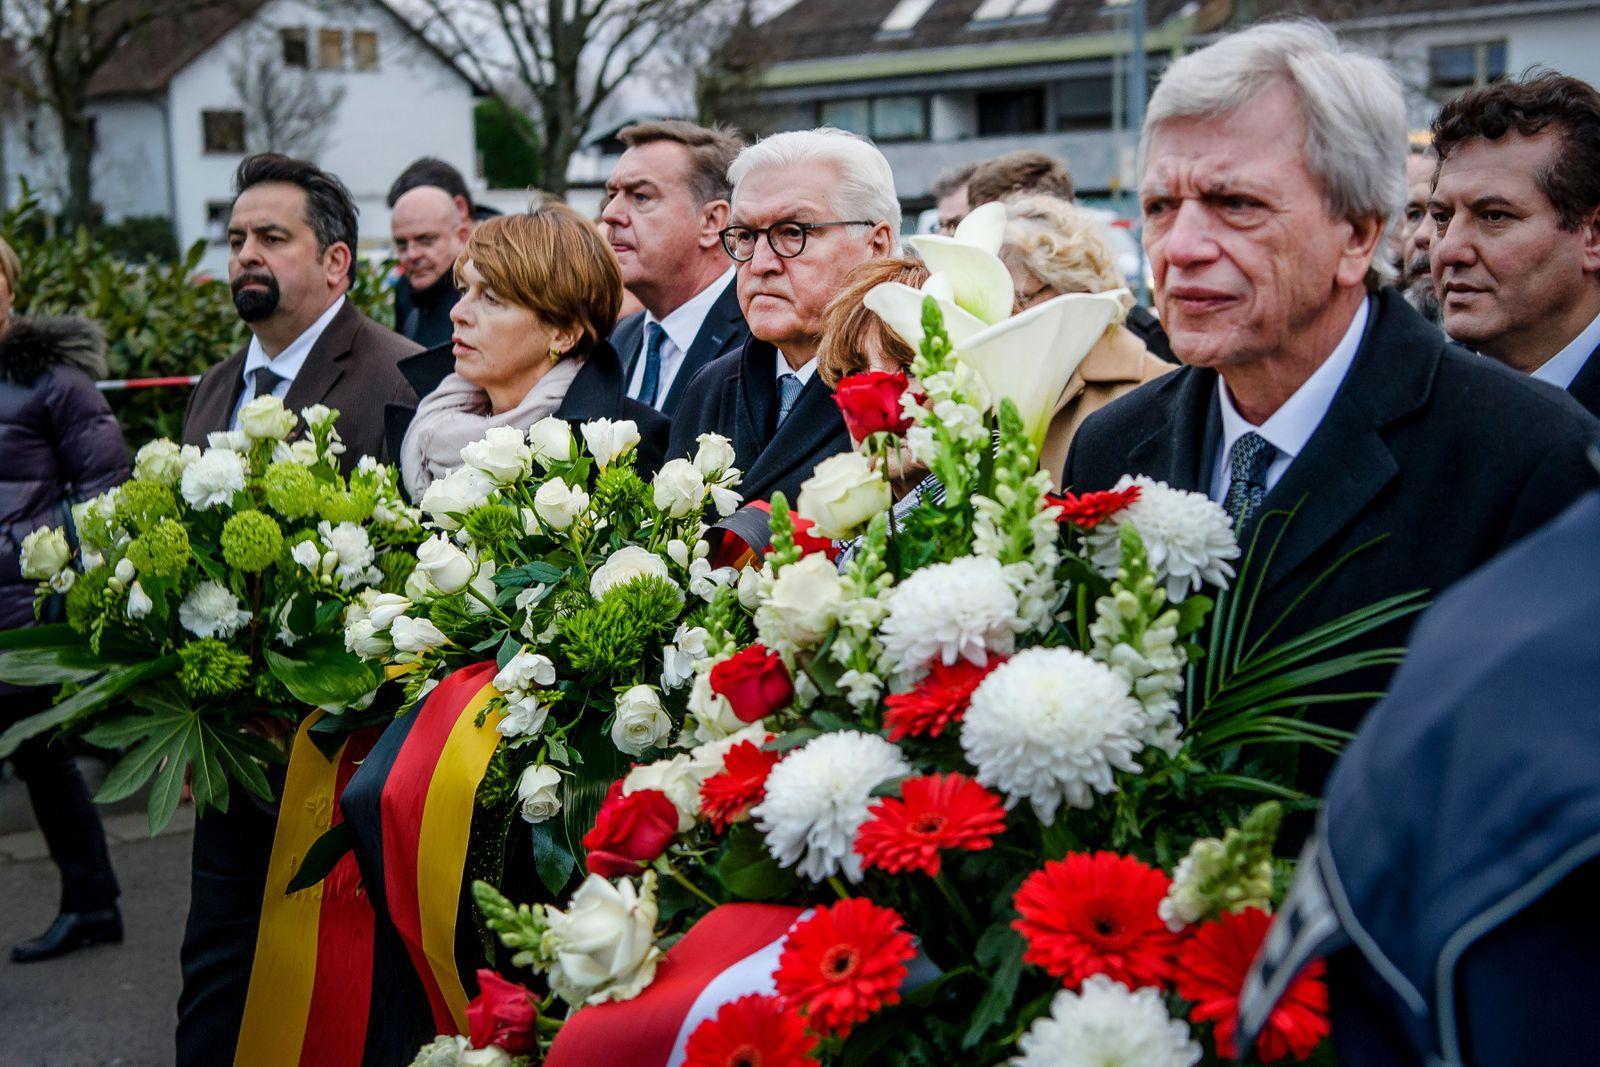 10 people killed after two shootings in Hanau, Germany - 20 Feb 2020